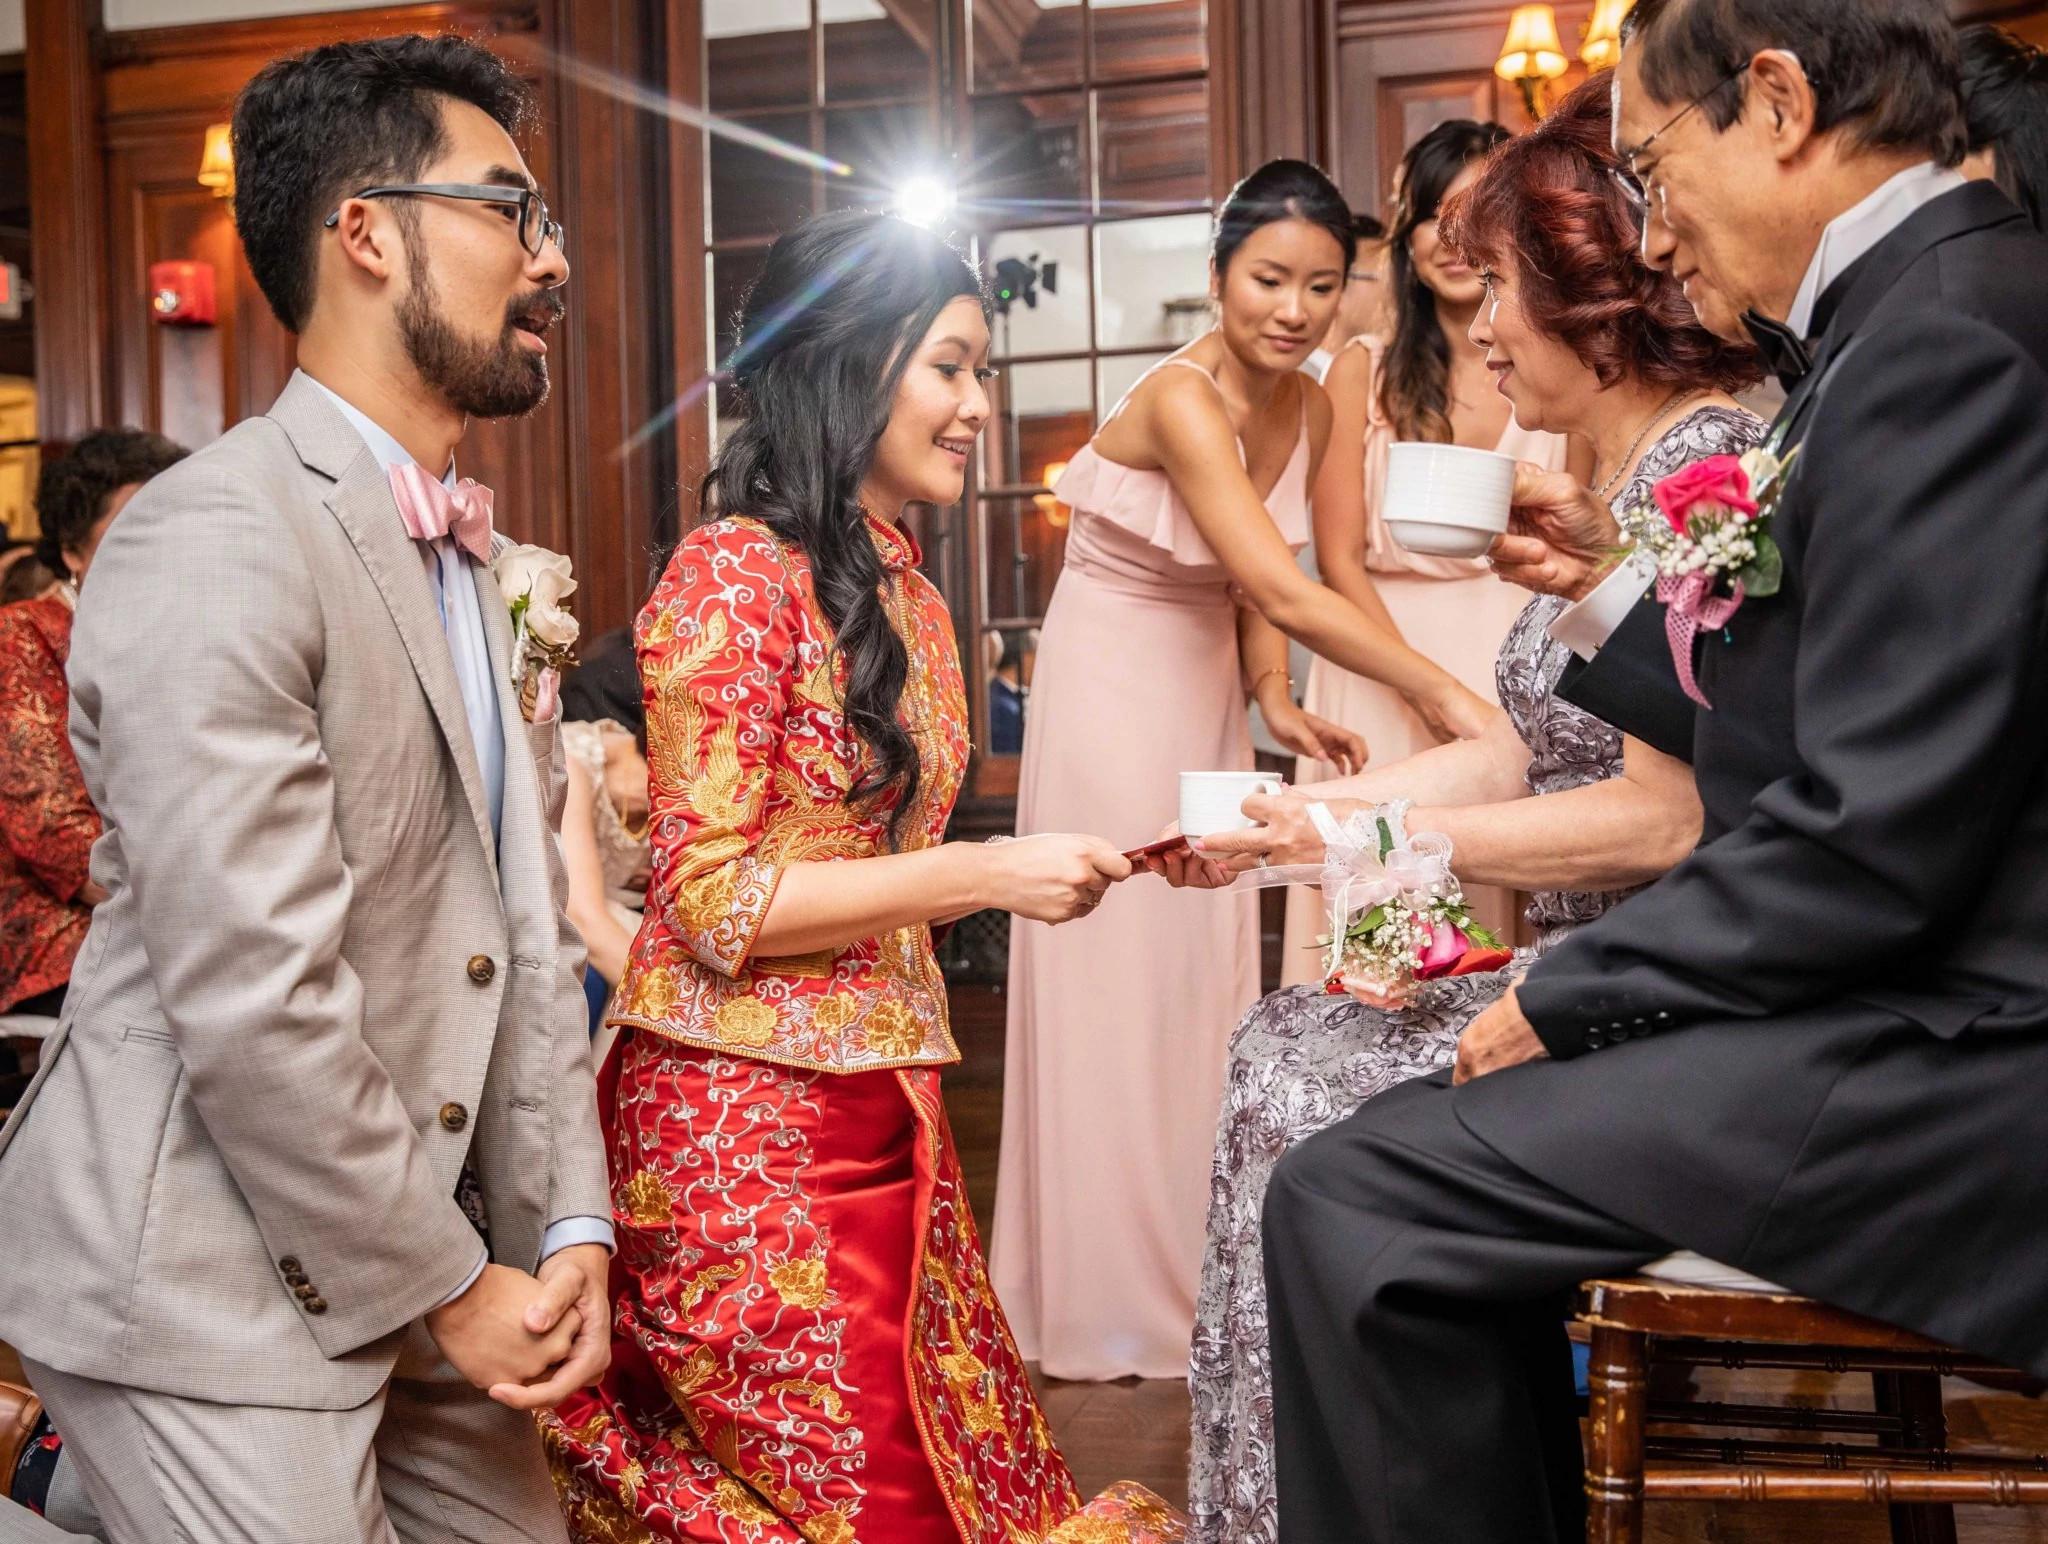 传统中式婚礼上的敬茶仪式